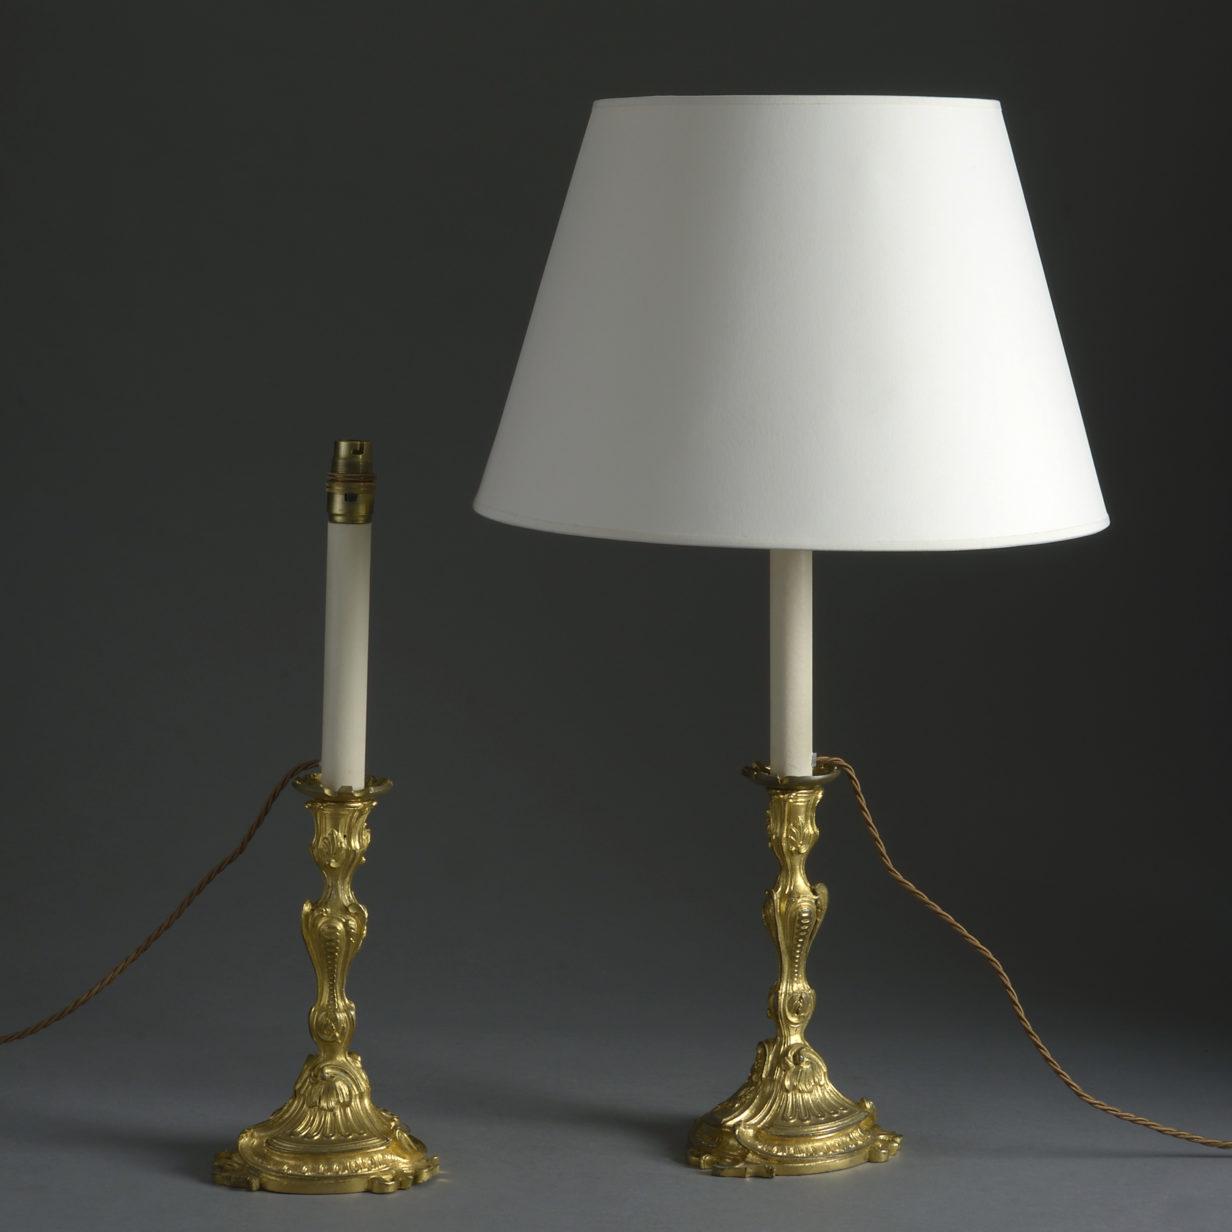 Pair of Rococo Ormolu Lamps